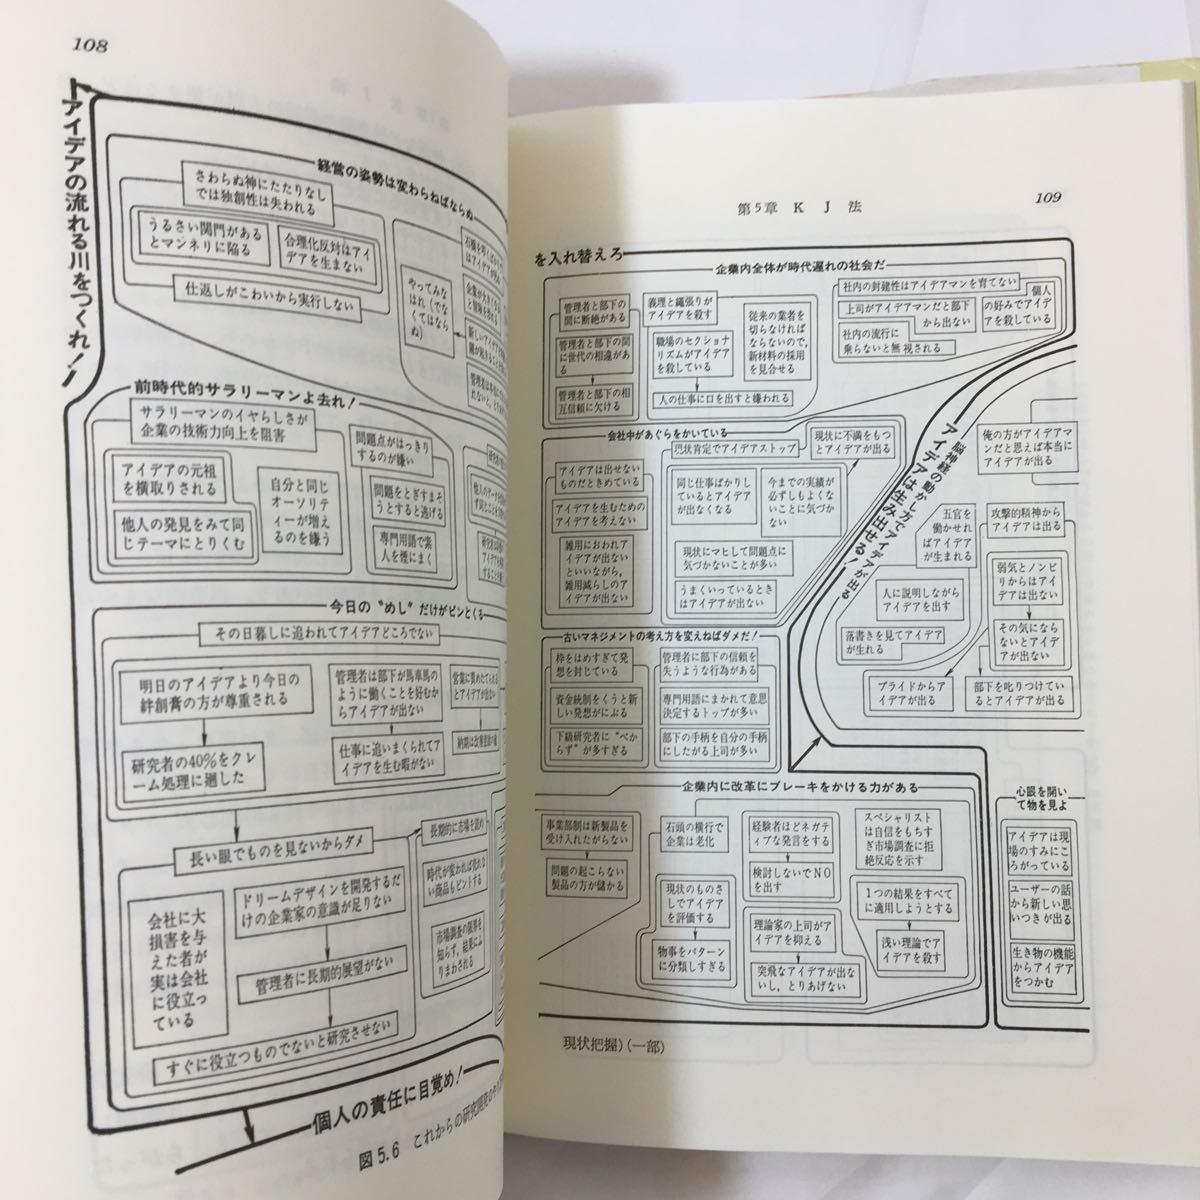 zaa-11 管理者スタッフの新QC七つ道具  日本科学技術連盟 (著) 単行本 1979/5/1_画像6